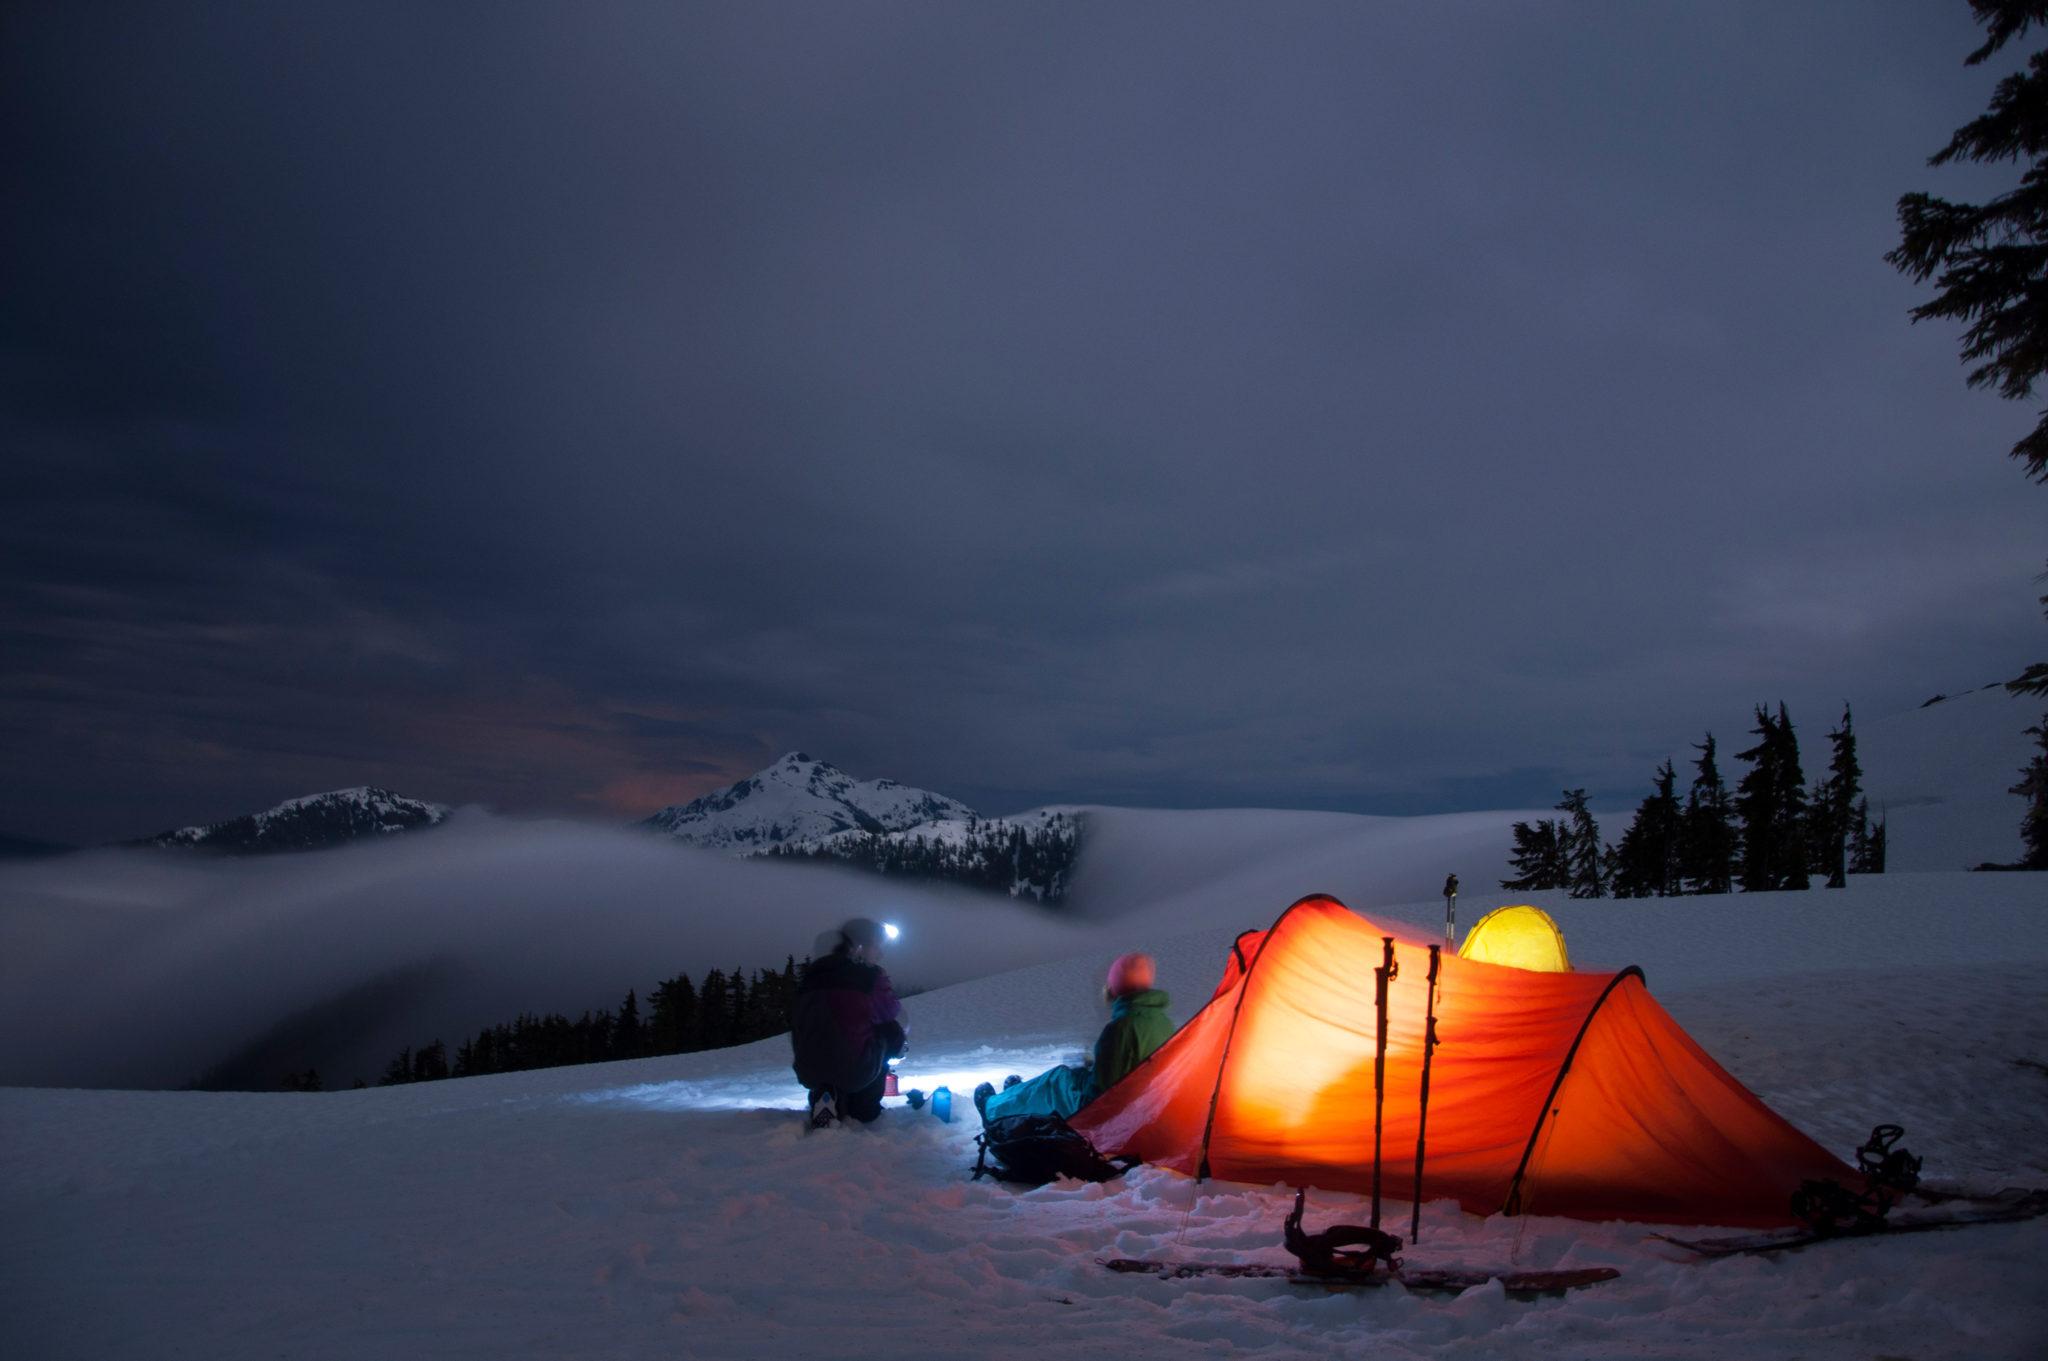 Ski Touring Winter Camping